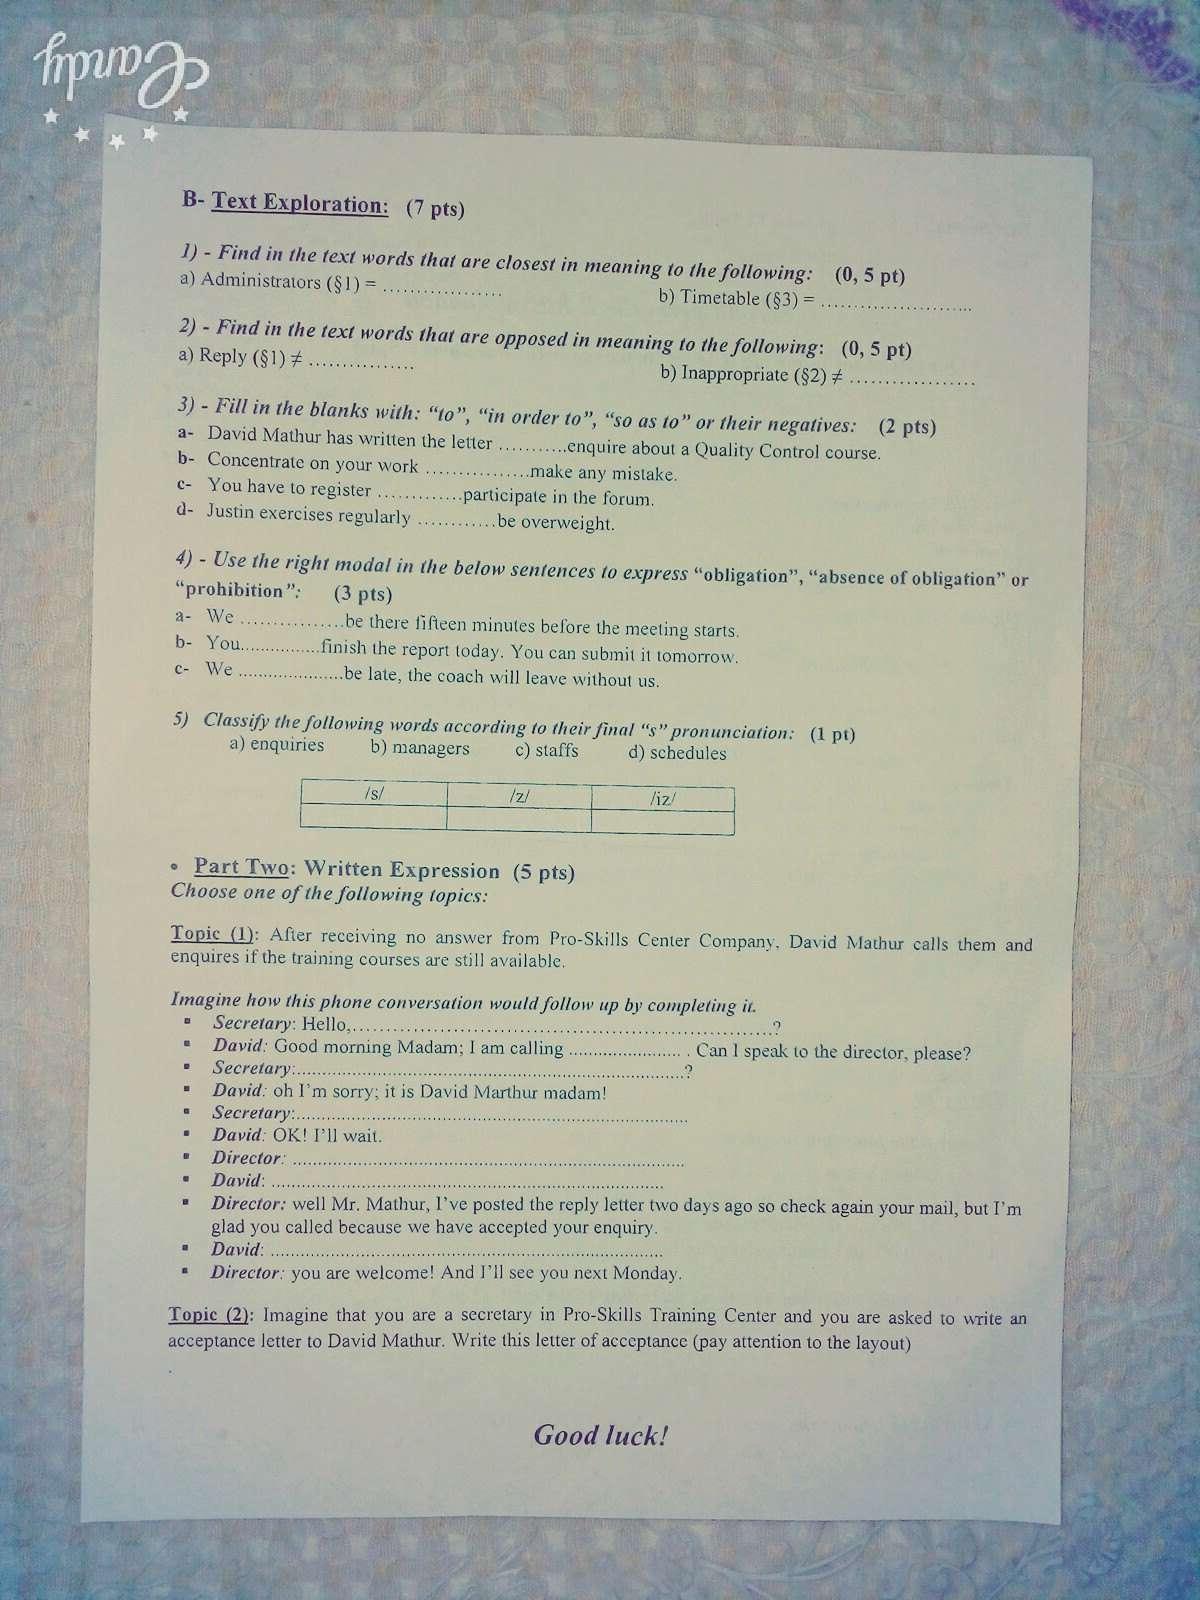 اختبار الفصل الثاني في الانجلزية للسنة الاولى ثانوي علوم - النموذج 1 17016210